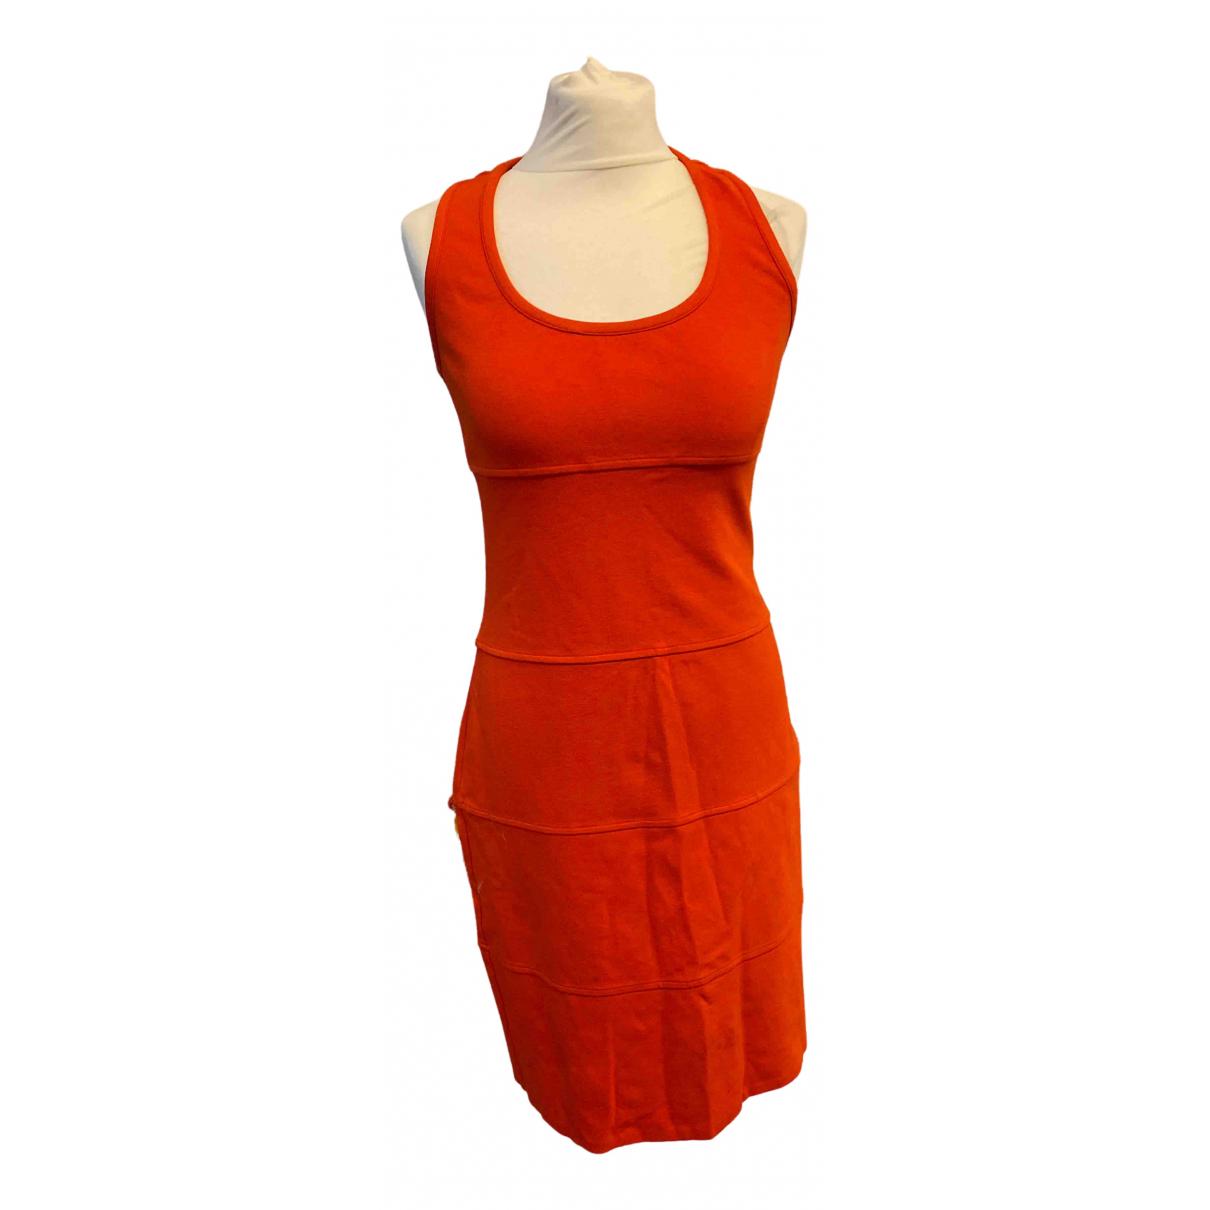 Diane Von Furstenberg \N Red Cotton - elasthane dress for Women 10 US